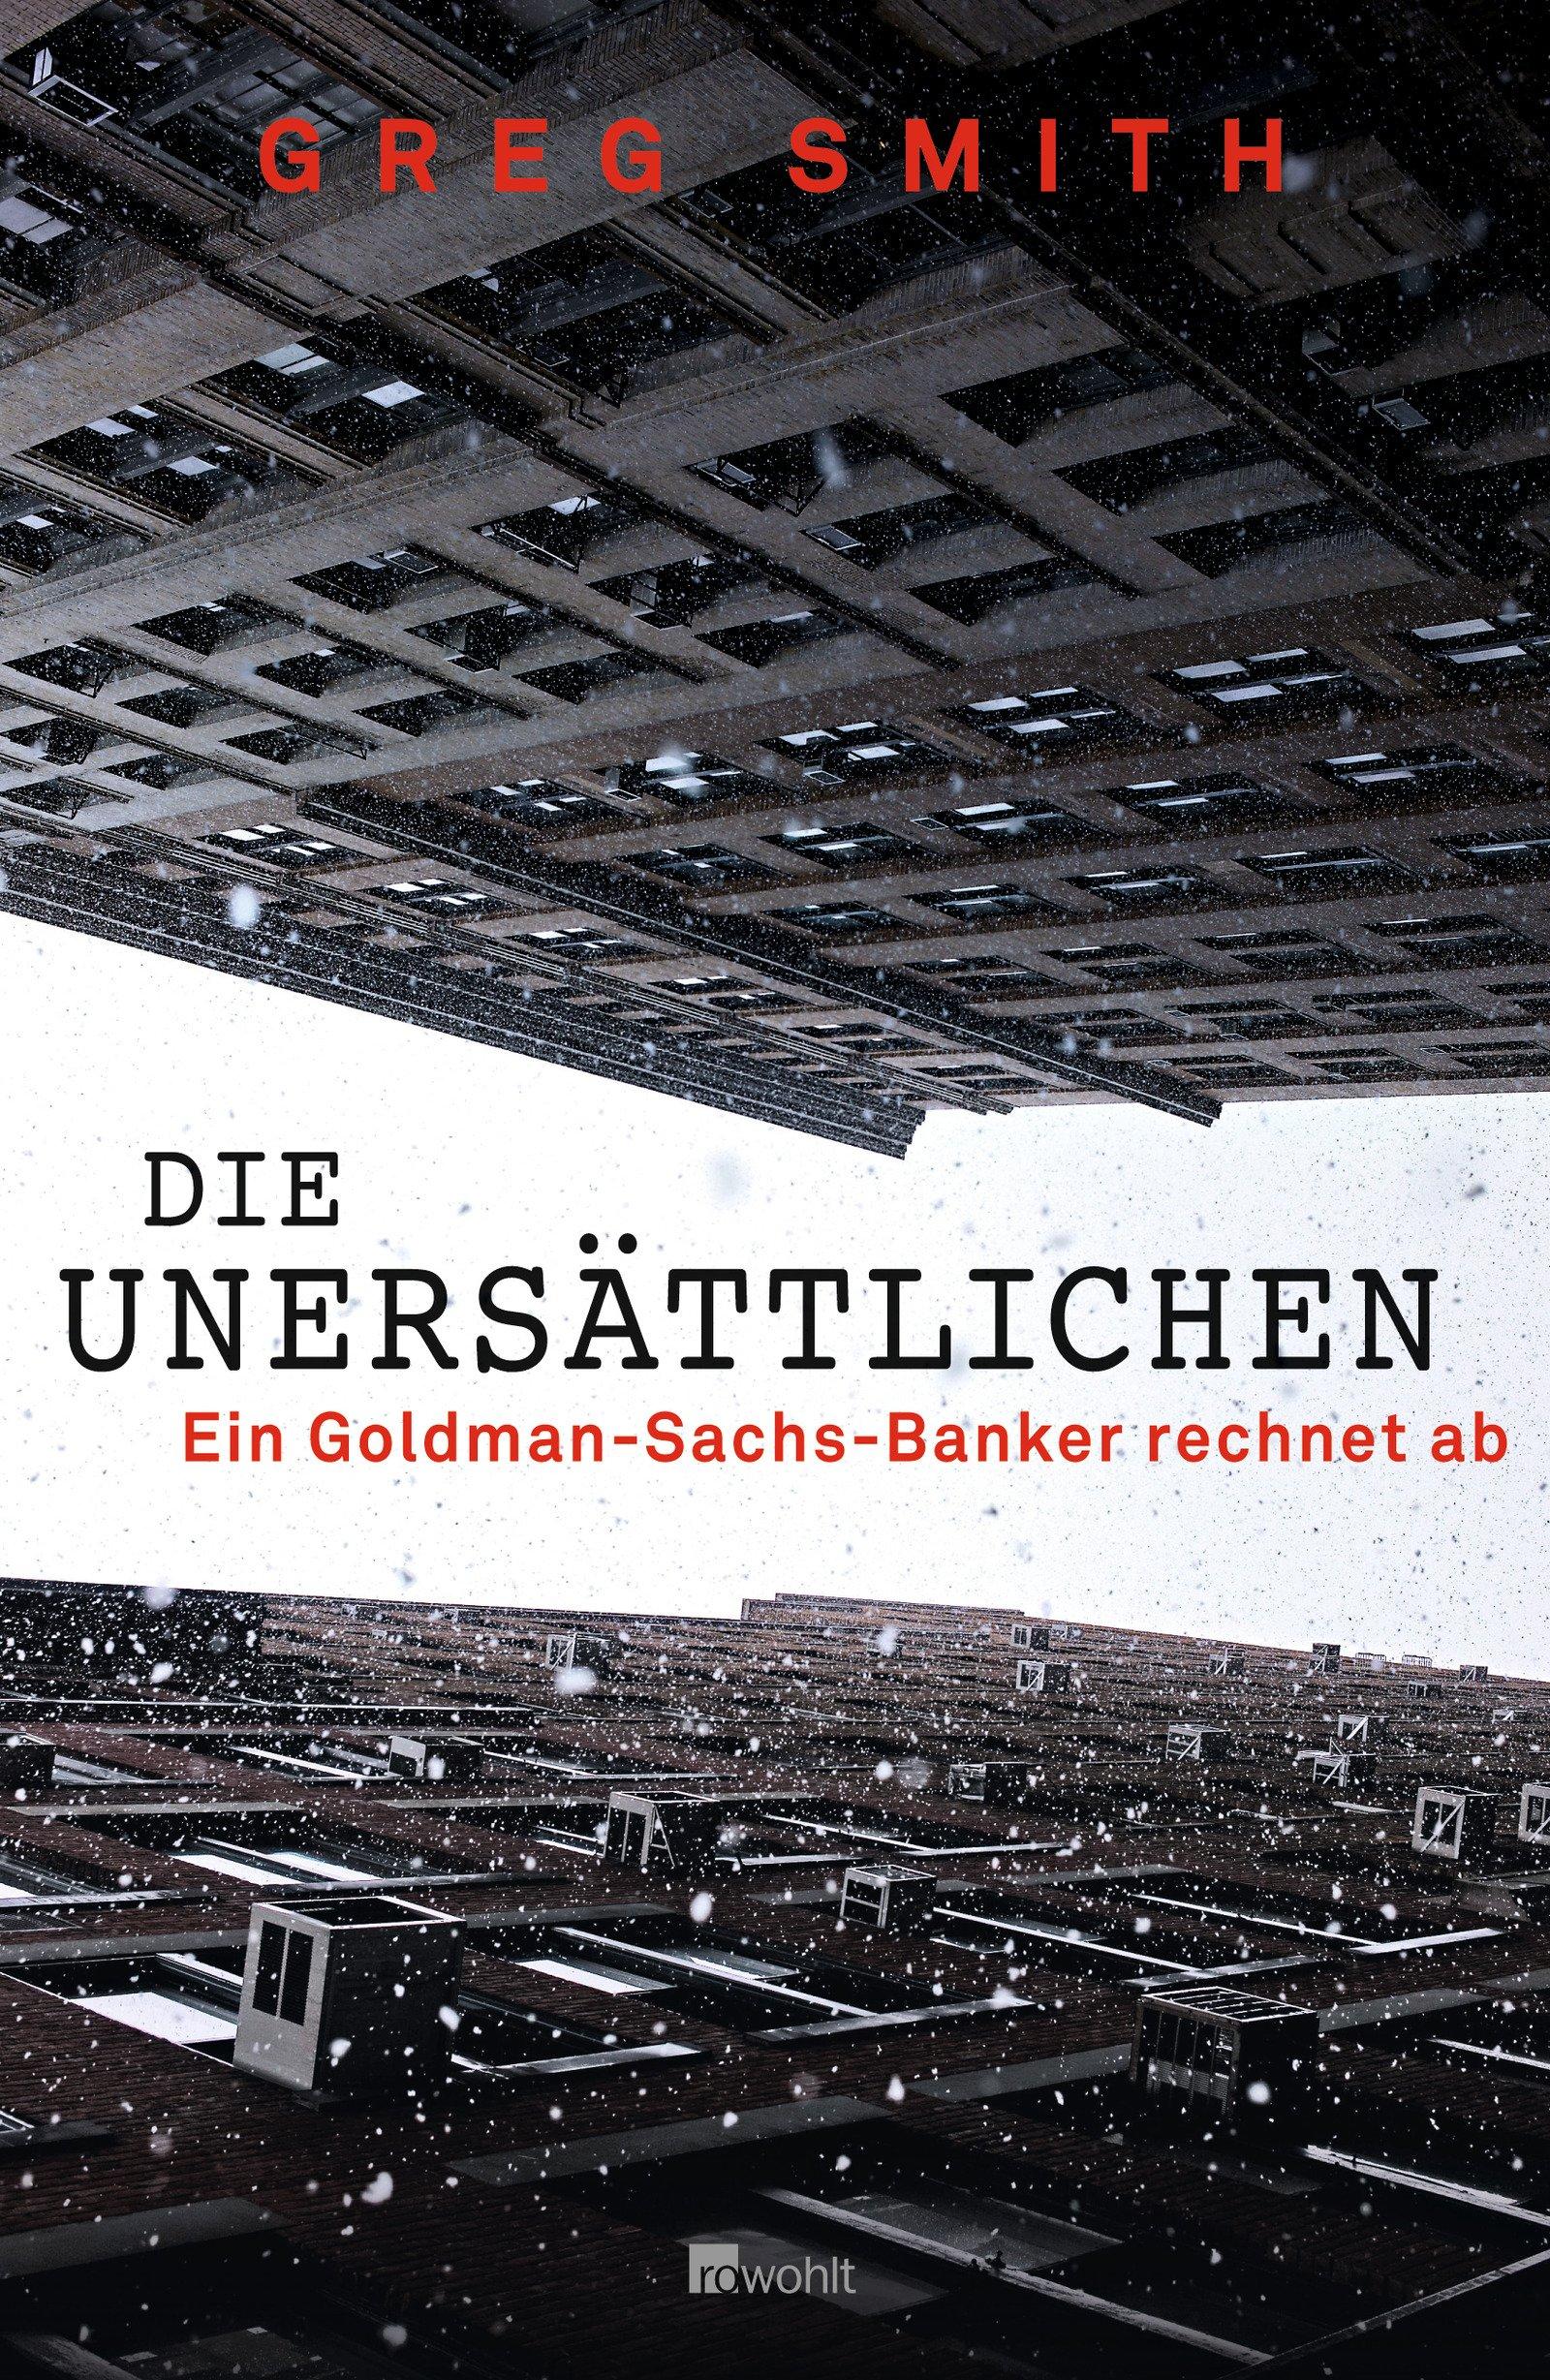 Die Unersättlichen: Ein Goldman-Sachs-Banker rechnet ab Gebundenes Buch – 2. November 2012 Greg Smith Petra Pyka Christoph Bausum Thorsten Schmidt